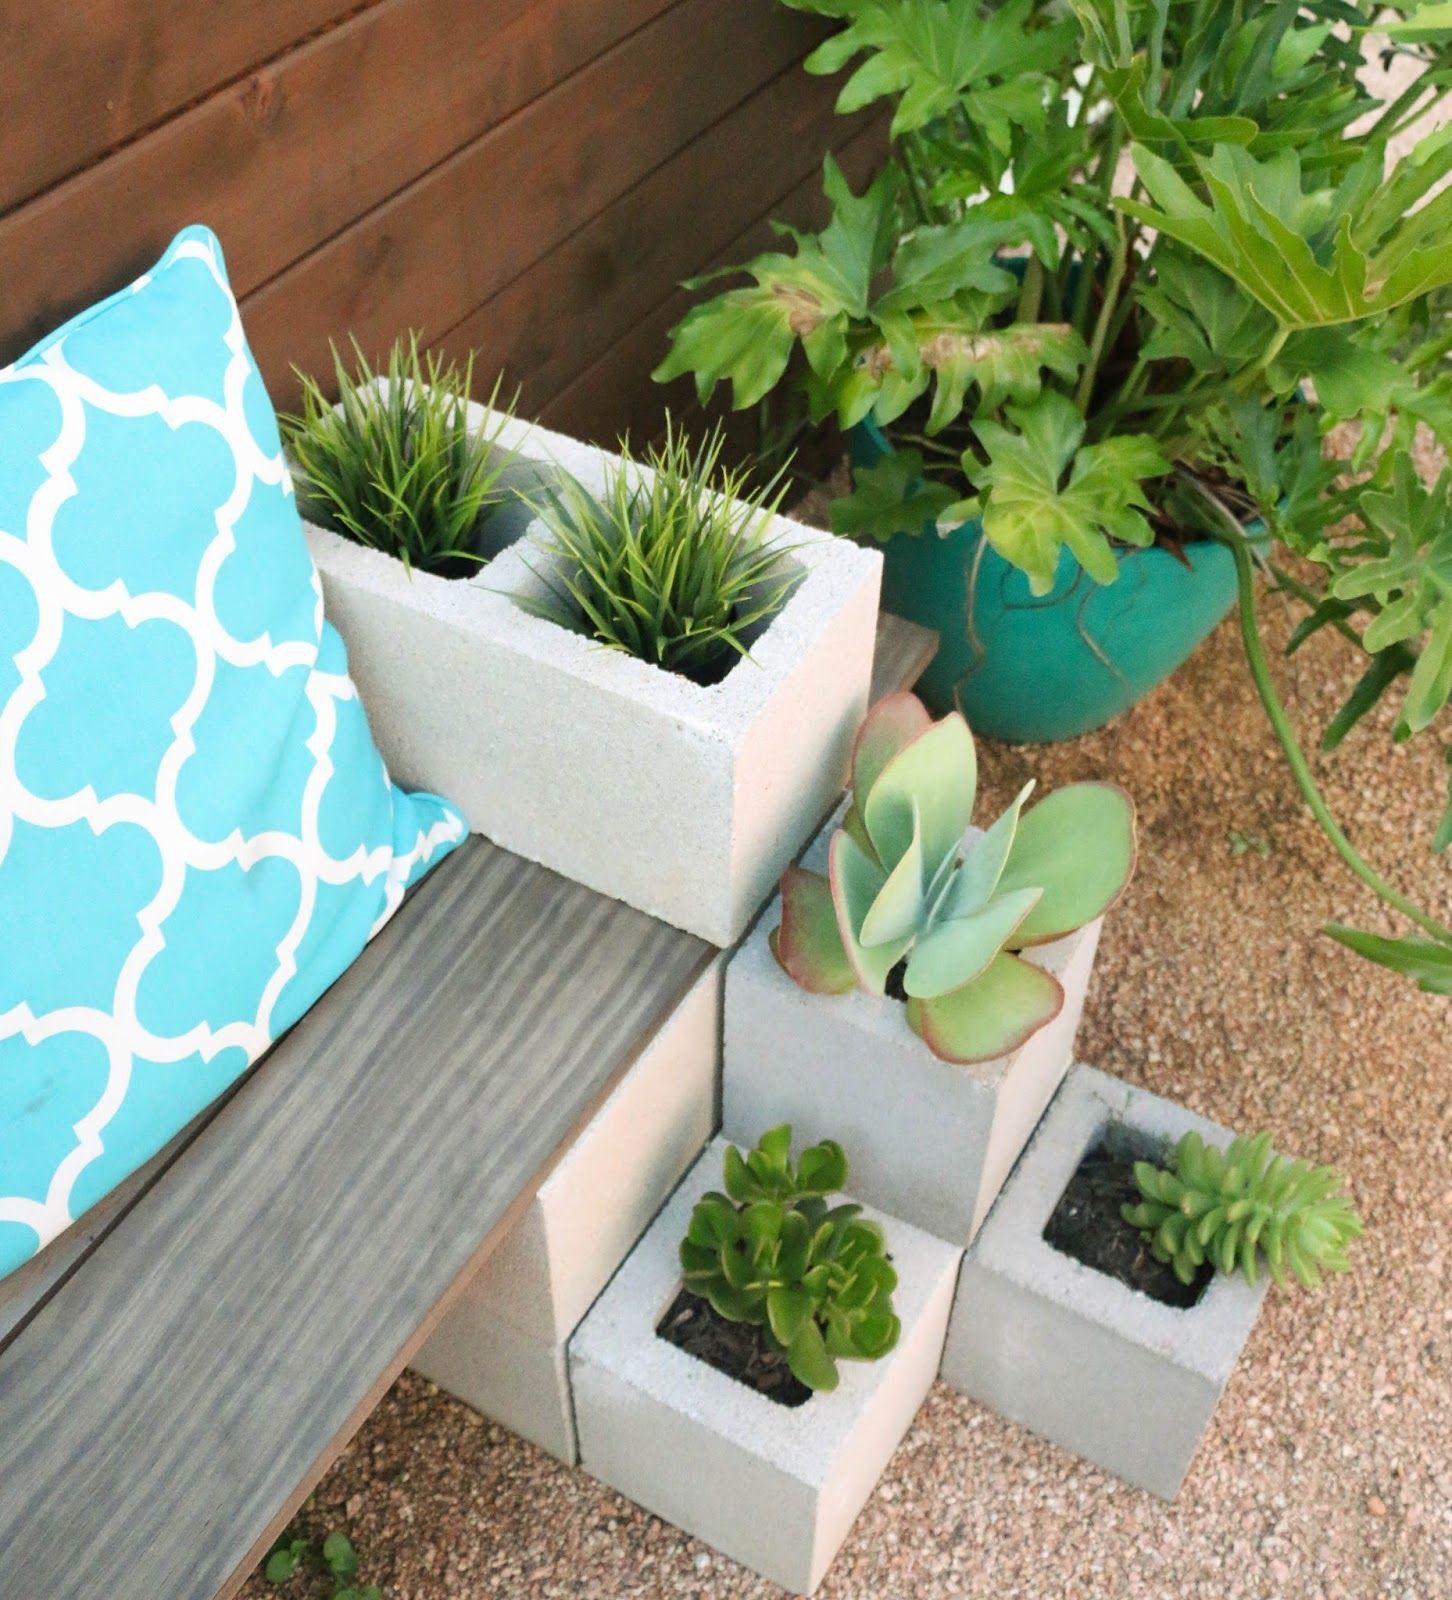 DIY It - Outdoor Succulent Bench